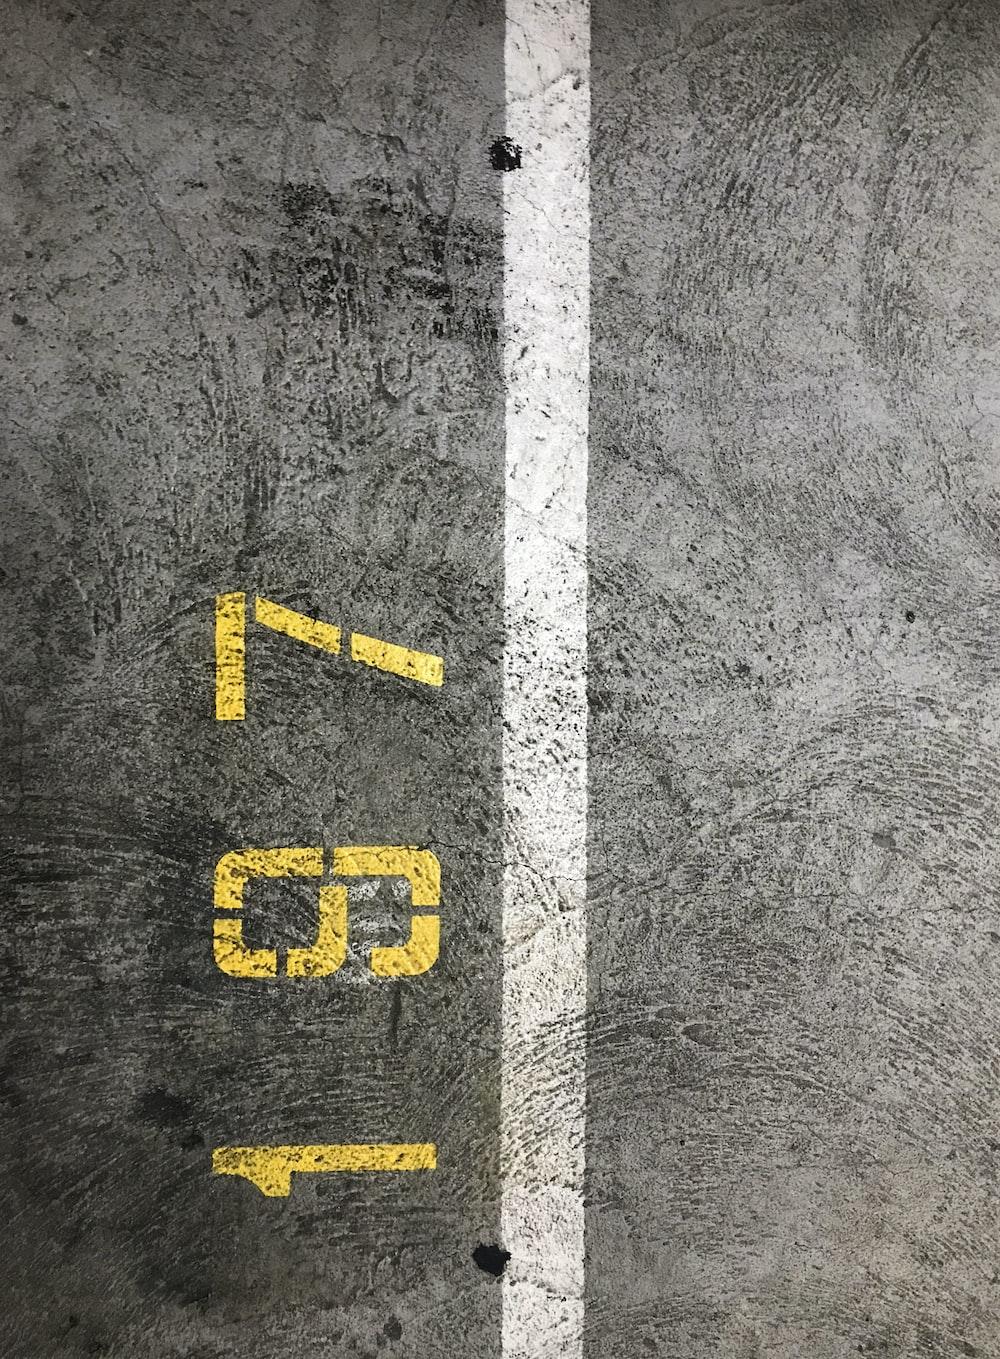 gray concrete floor with 197 print